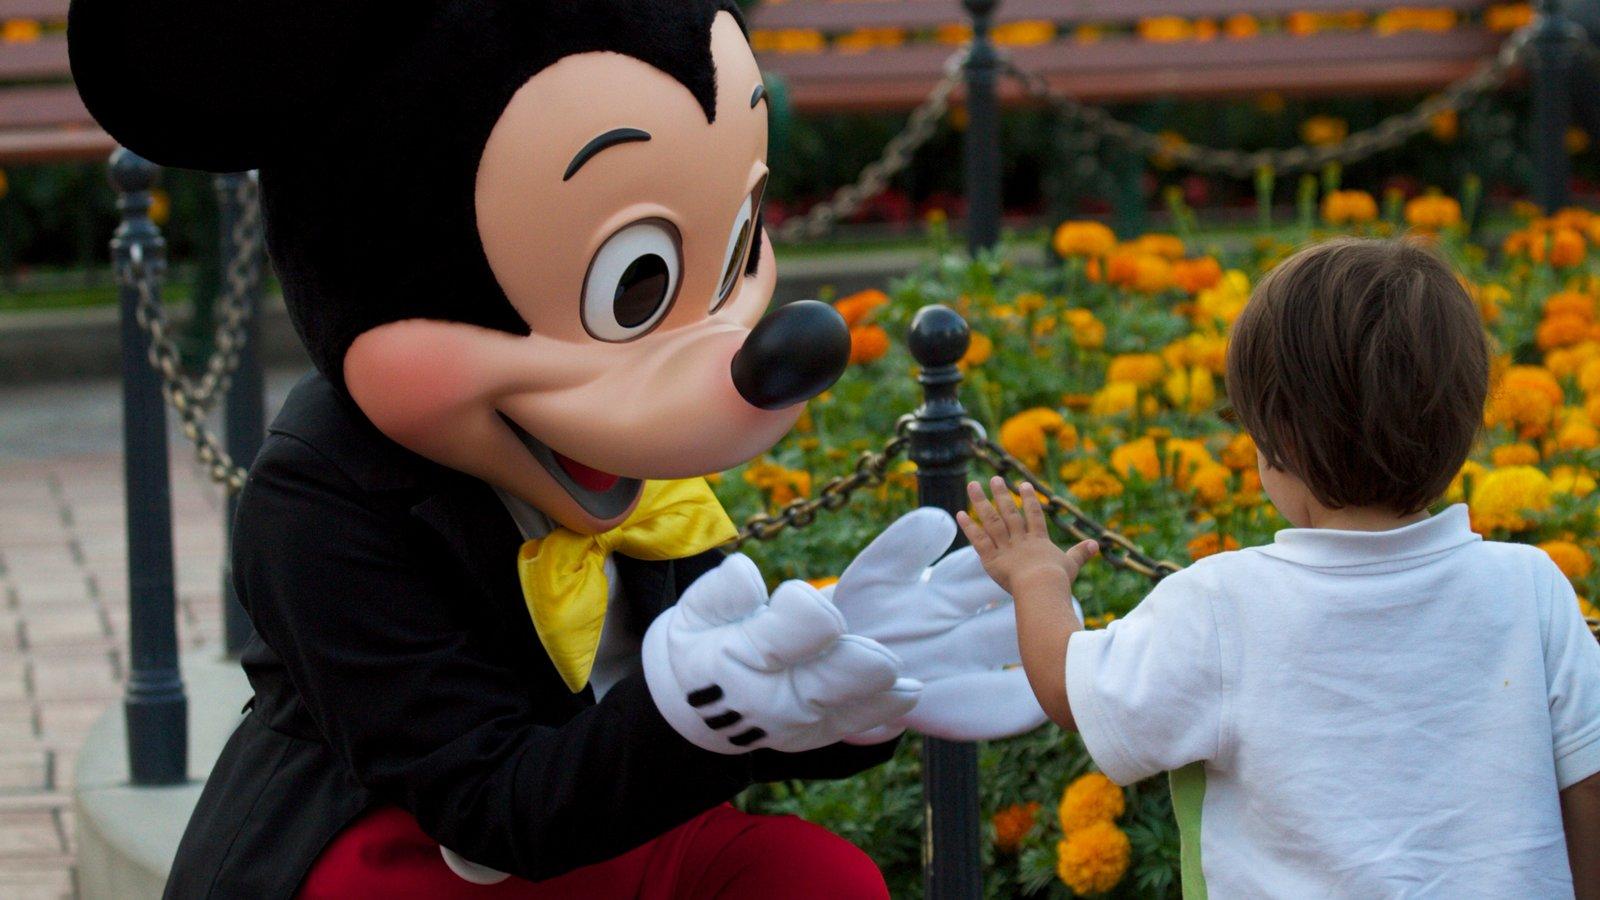 Parque Disneyland® que inclui flores e passeios assim como uma criança sozinha